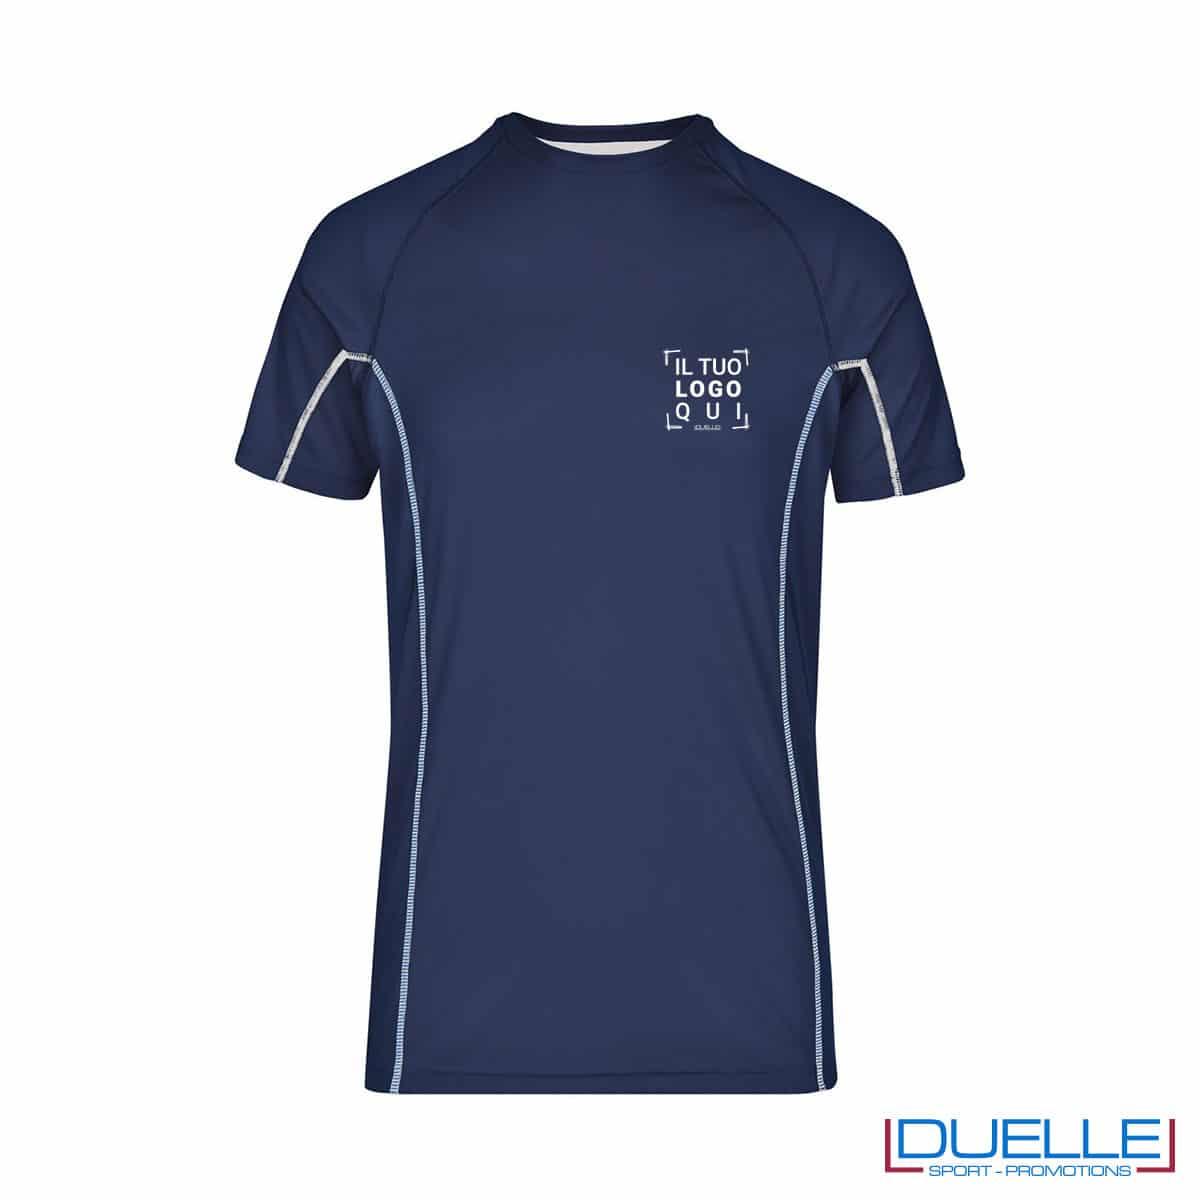 Maglia running Coolmax uomo colore blu navy/bianco personalizzata